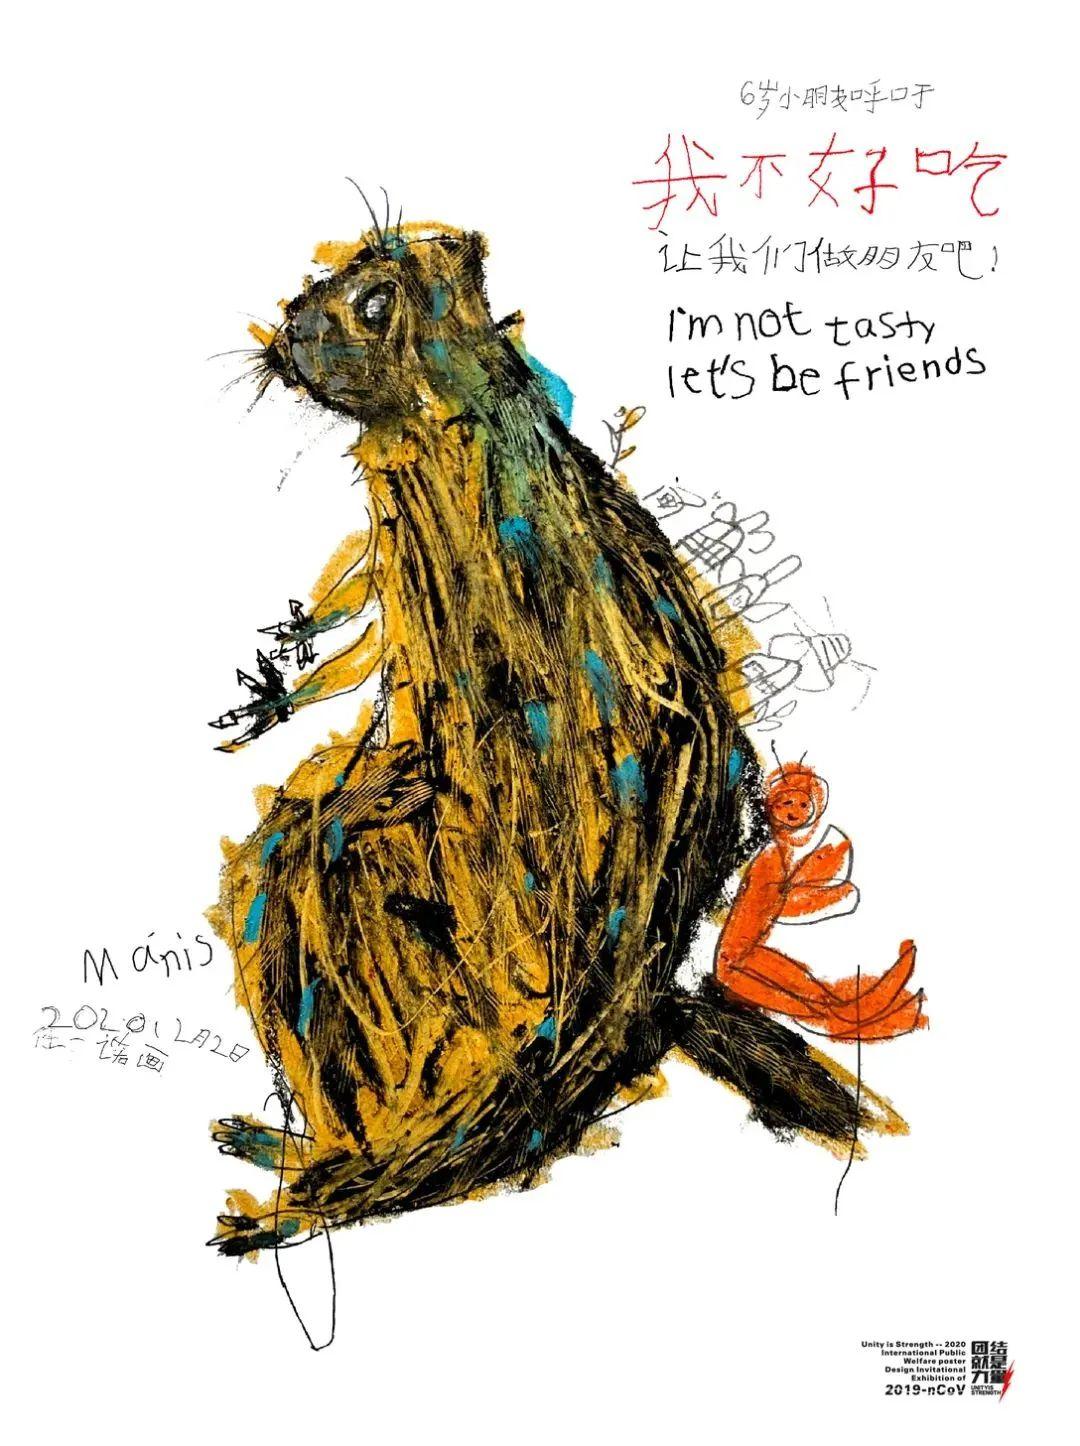 6岁蒙古族小设计师用插画拯救野生动物,为抗疫助力! 第10张